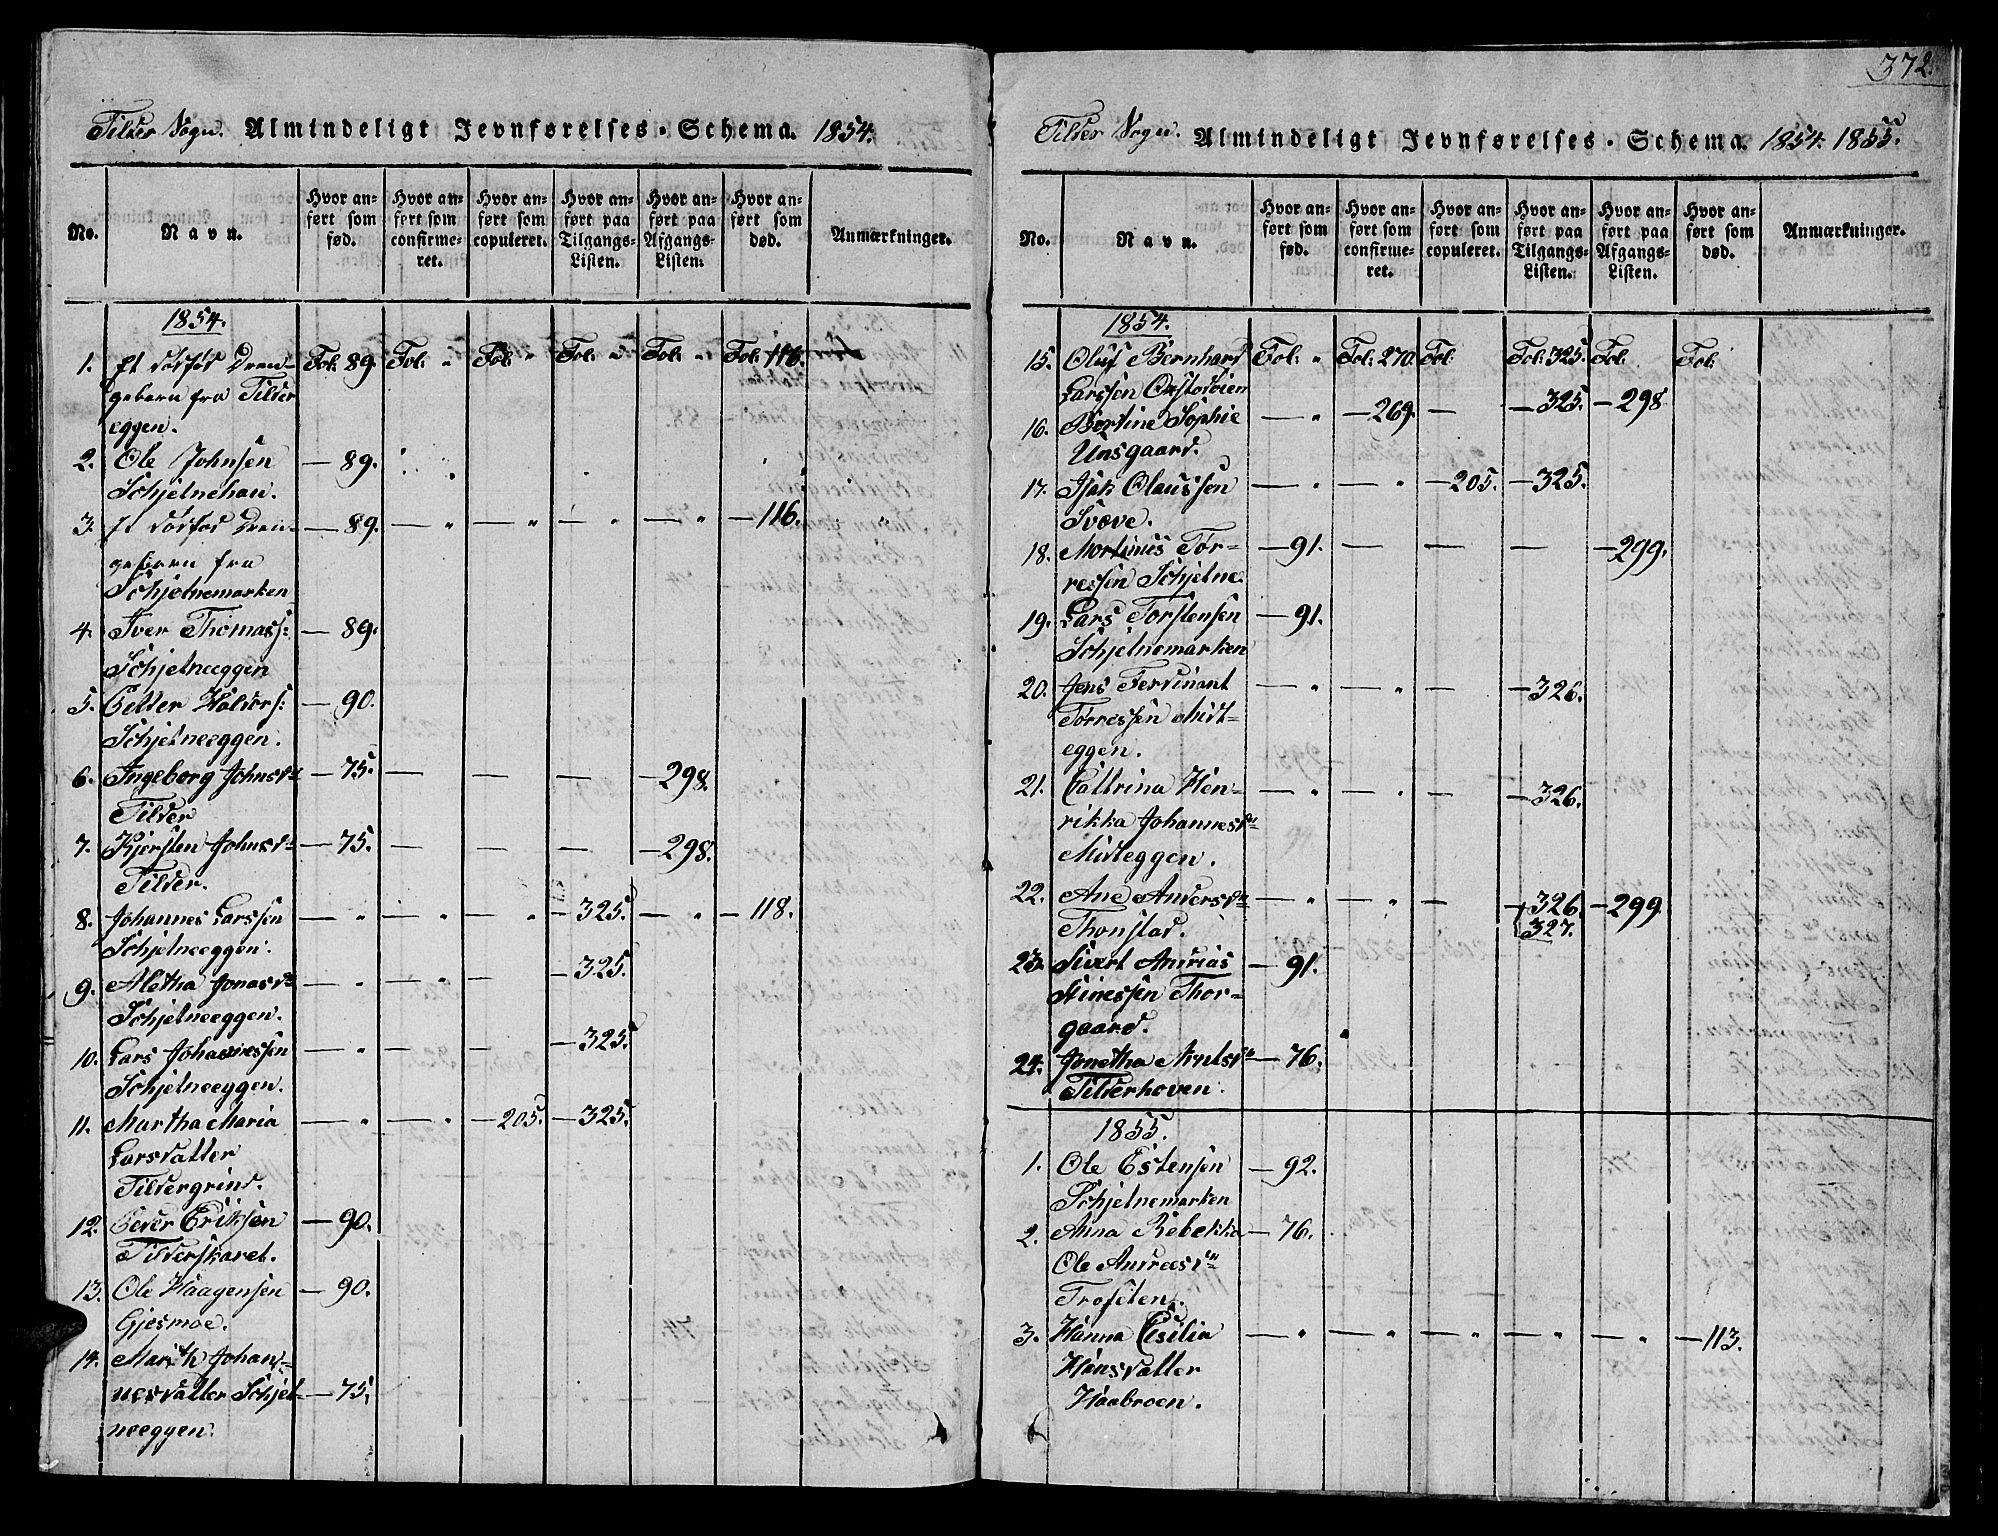 SAT, Ministerialprotokoller, klokkerbøker og fødselsregistre - Sør-Trøndelag, 621/L0458: Klokkerbok nr. 621C01, 1816-1865, s. 372